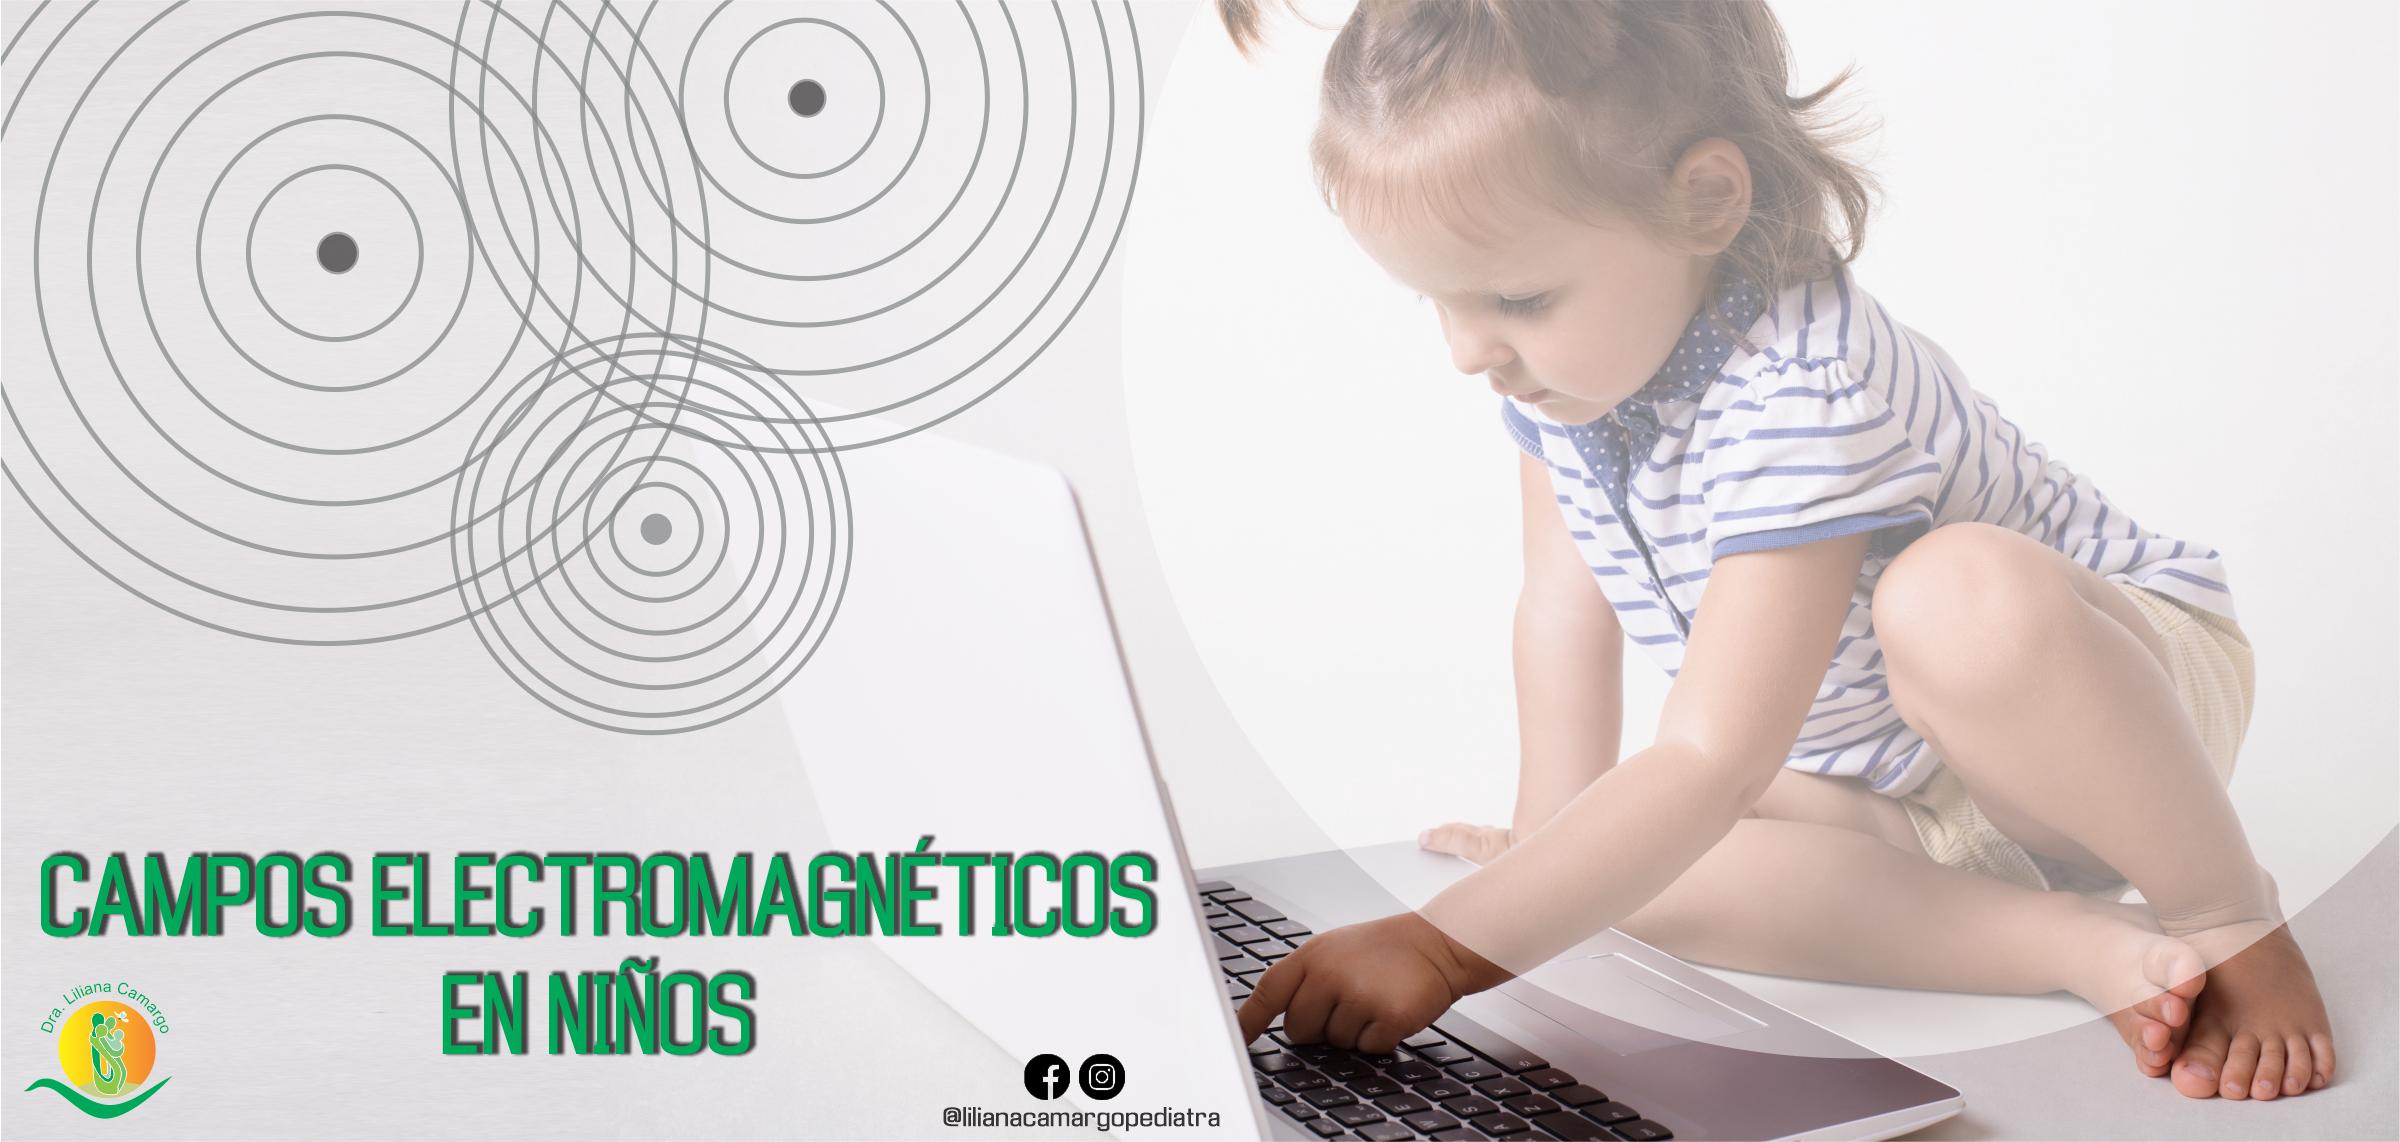 Efectos del electromagnetismo en los niños